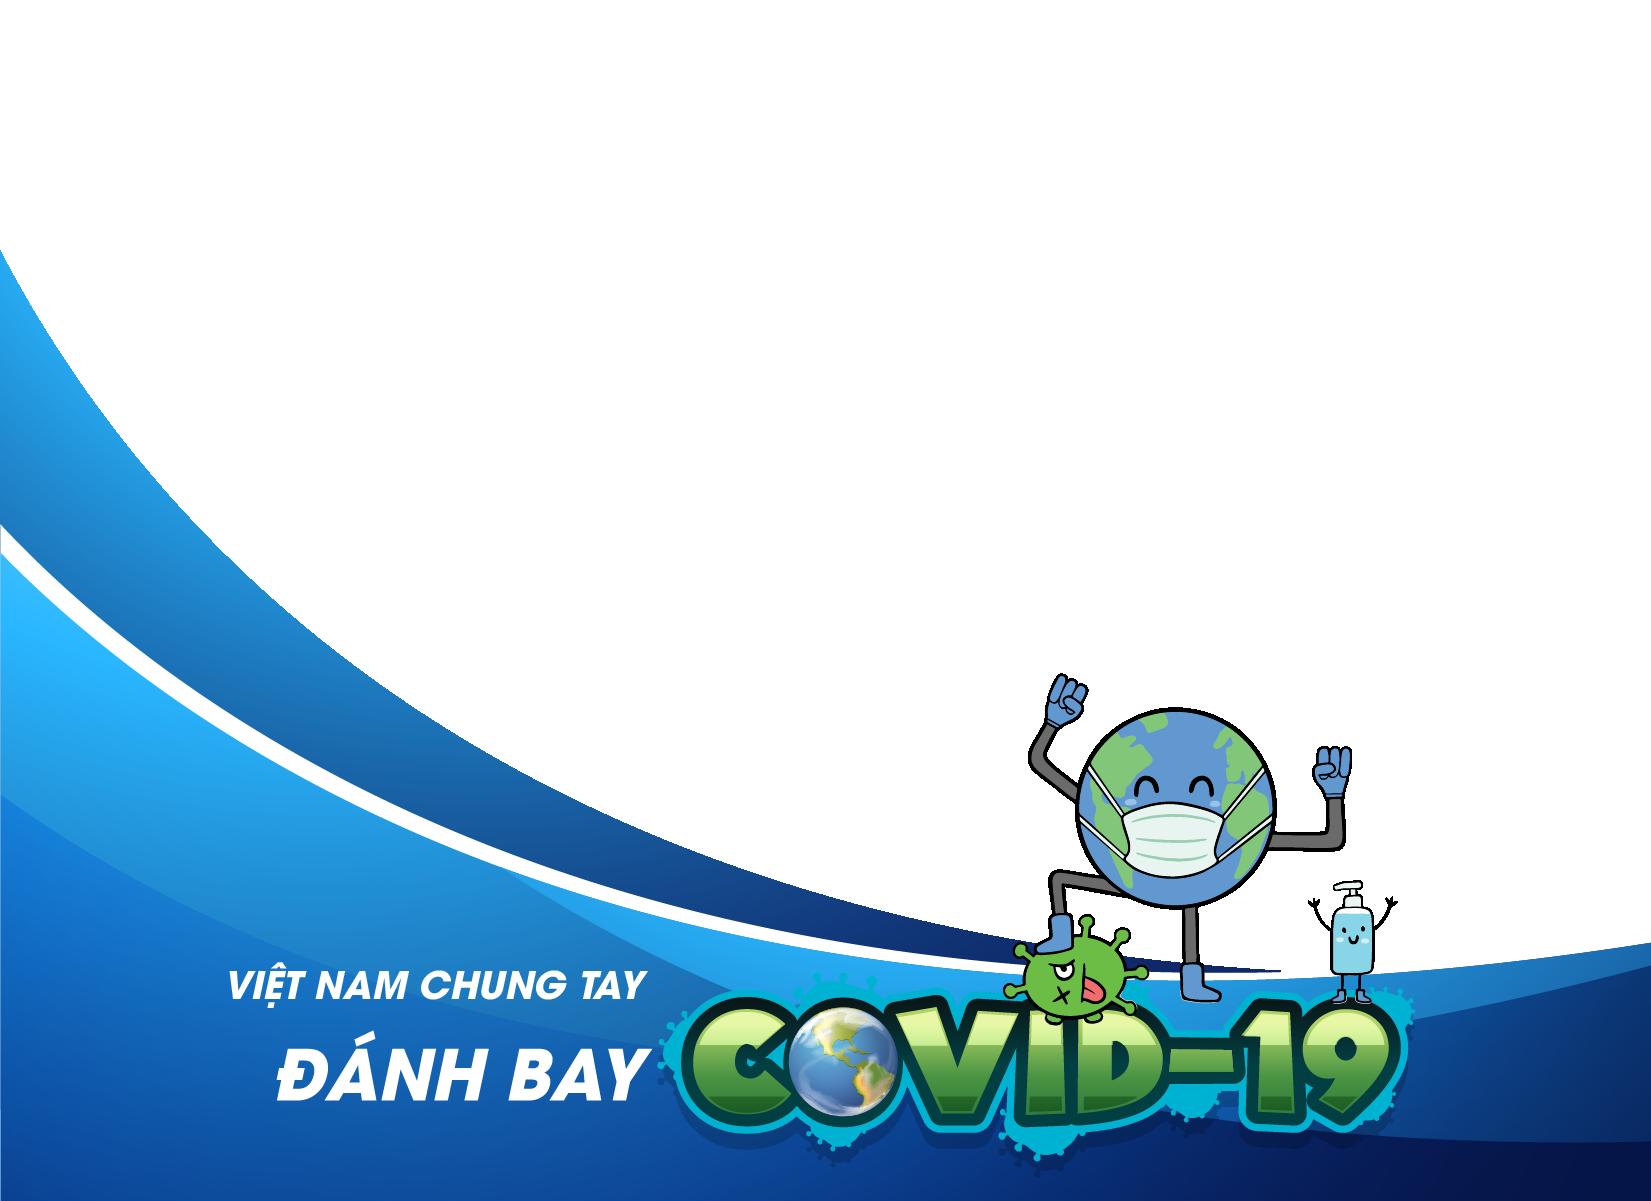 Hướng dẫn Thay khung avatar Facebook cổ vũ tinh thần chống dịch Covid-19 cùng POS365